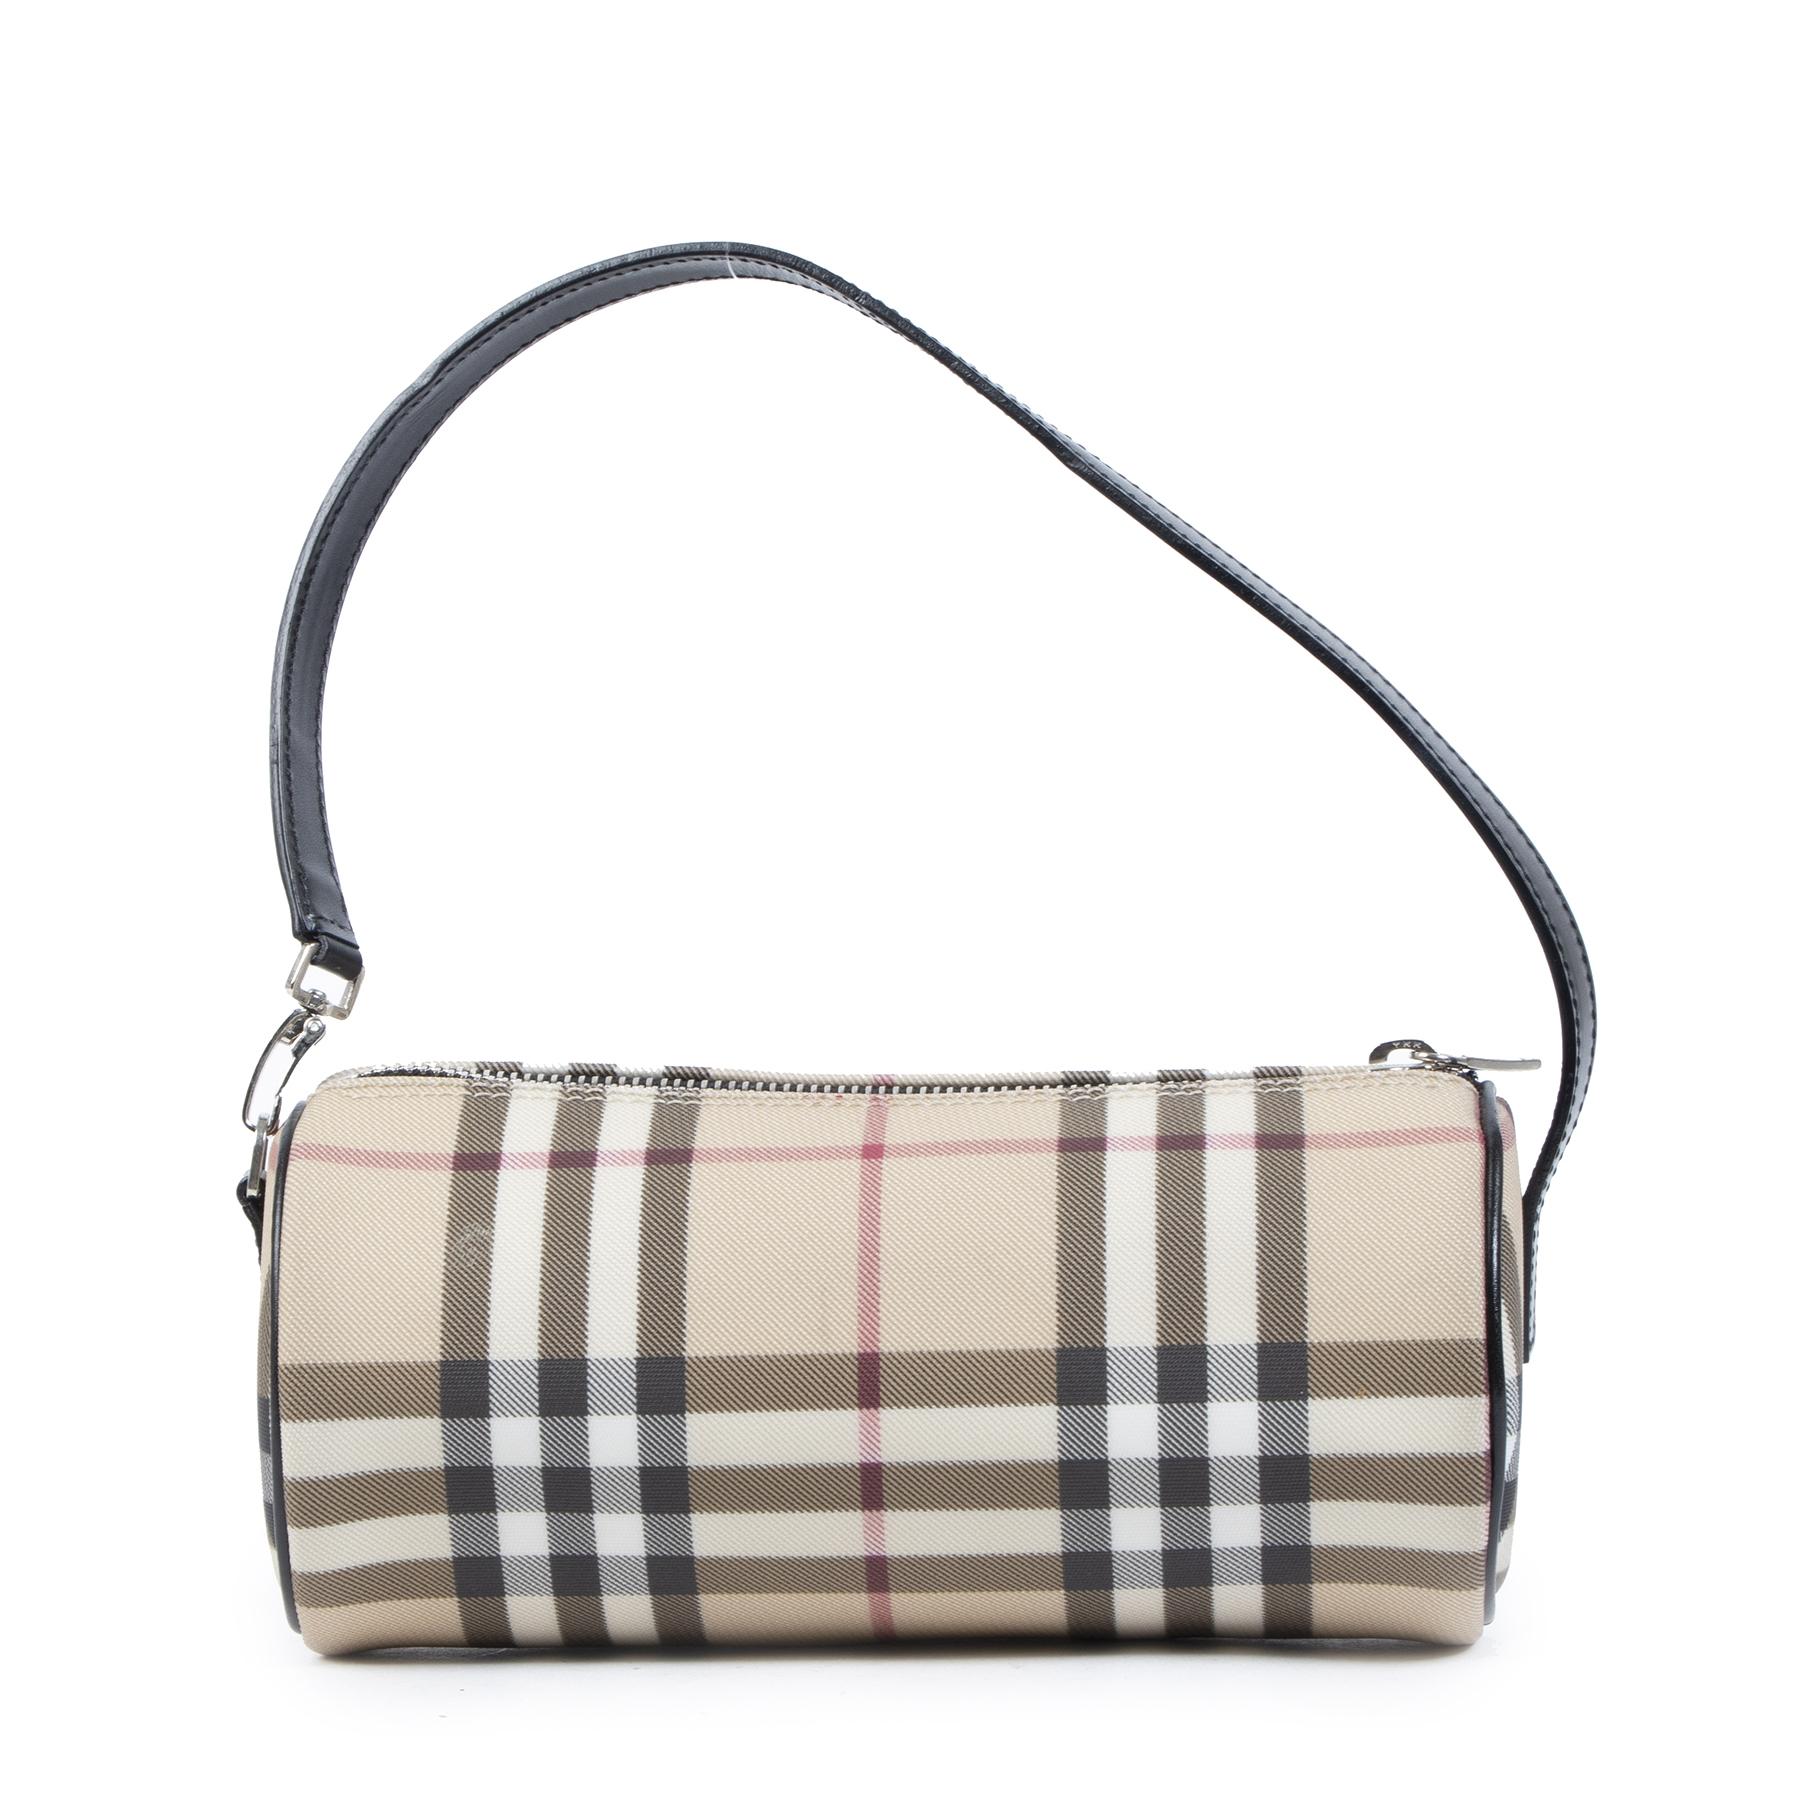 Authentieke Tweedehands Burberry London Nova Check Cylinder Bag juiste prijs veilig online shoppen luxe merken webshop winkelen Antwerpen België mode fashion